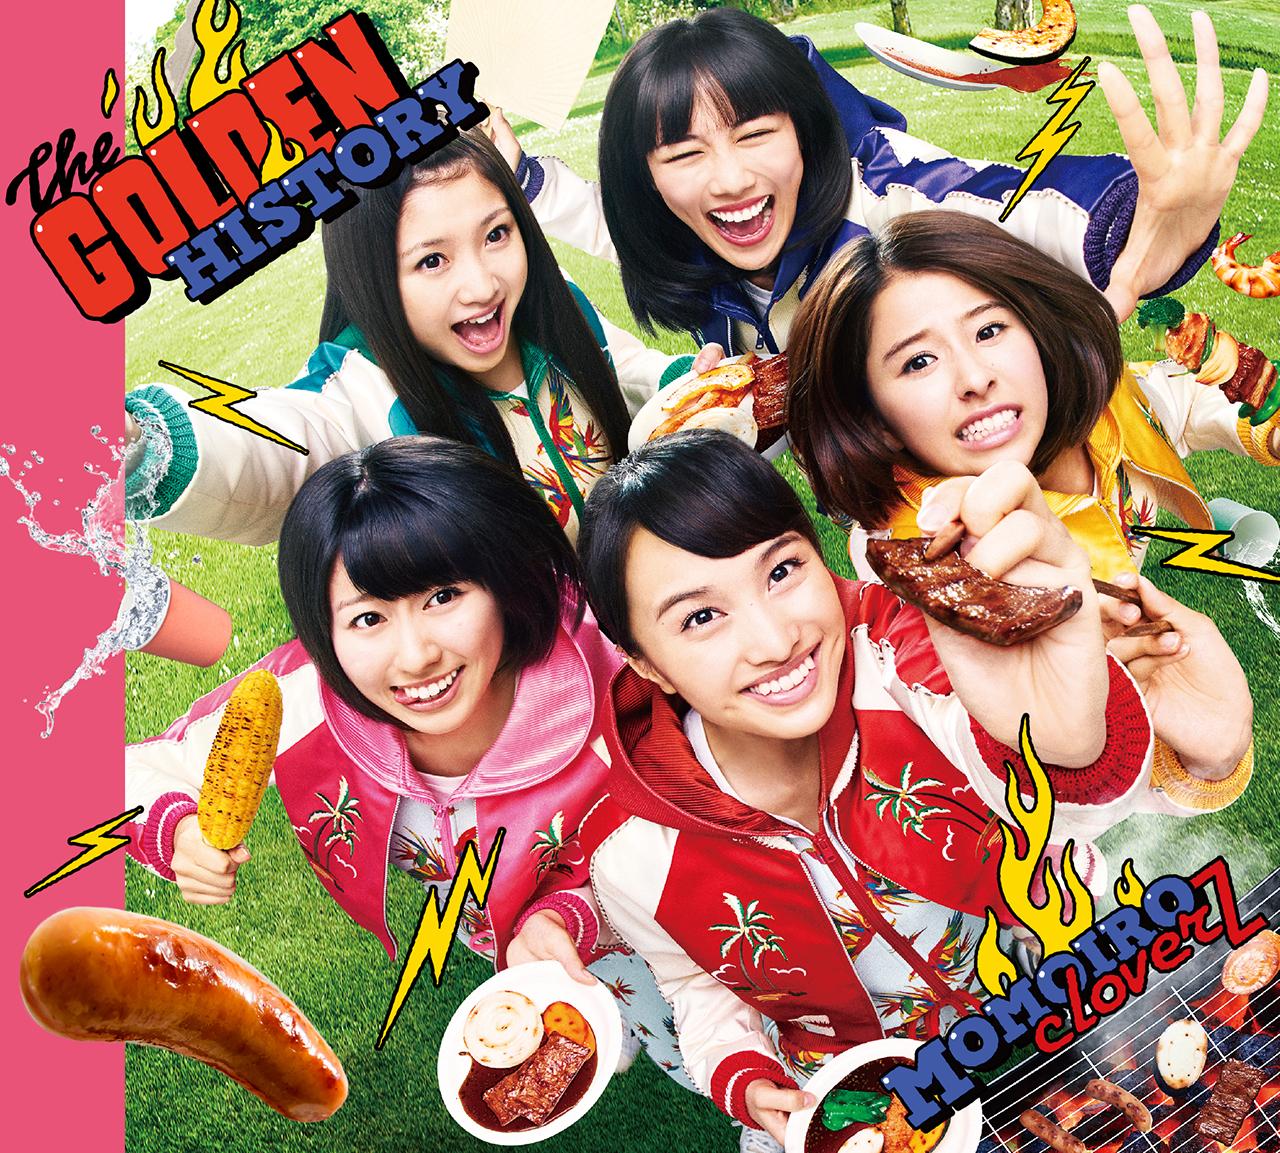 20160914.02.04 Momoiro Clover Z - The golden history (Regular edition) cover 1.jpg